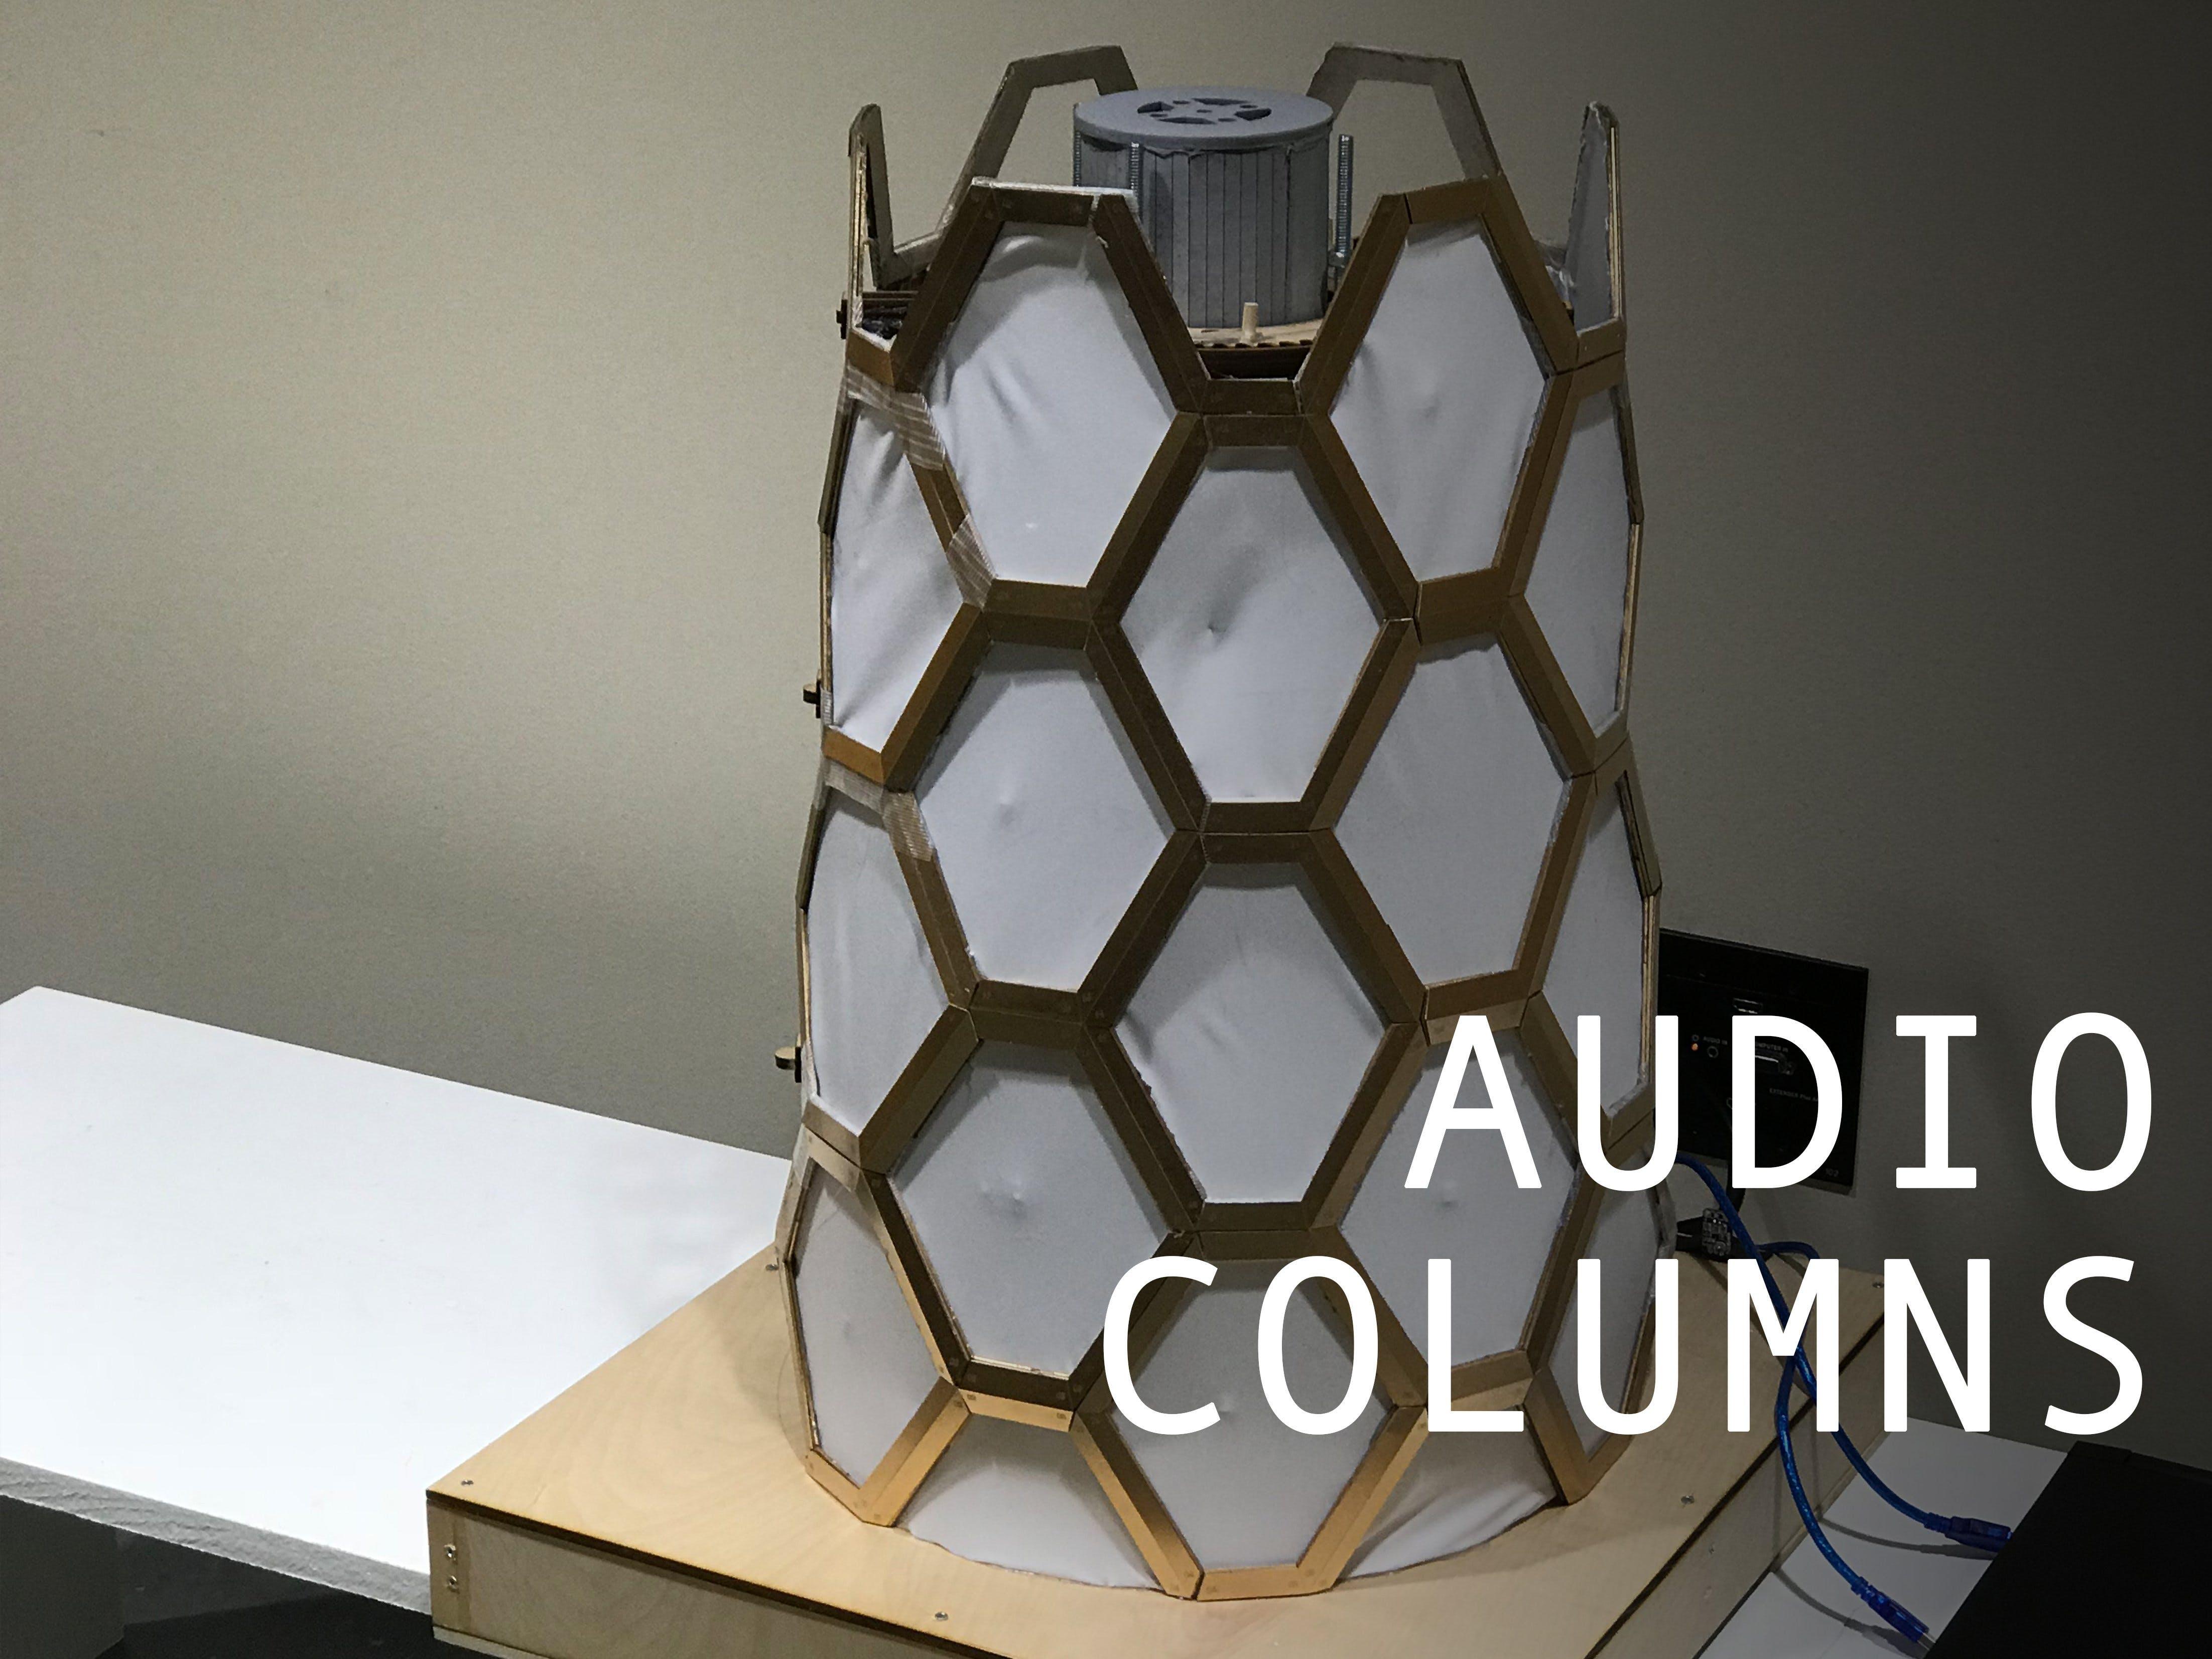 Audio Columns